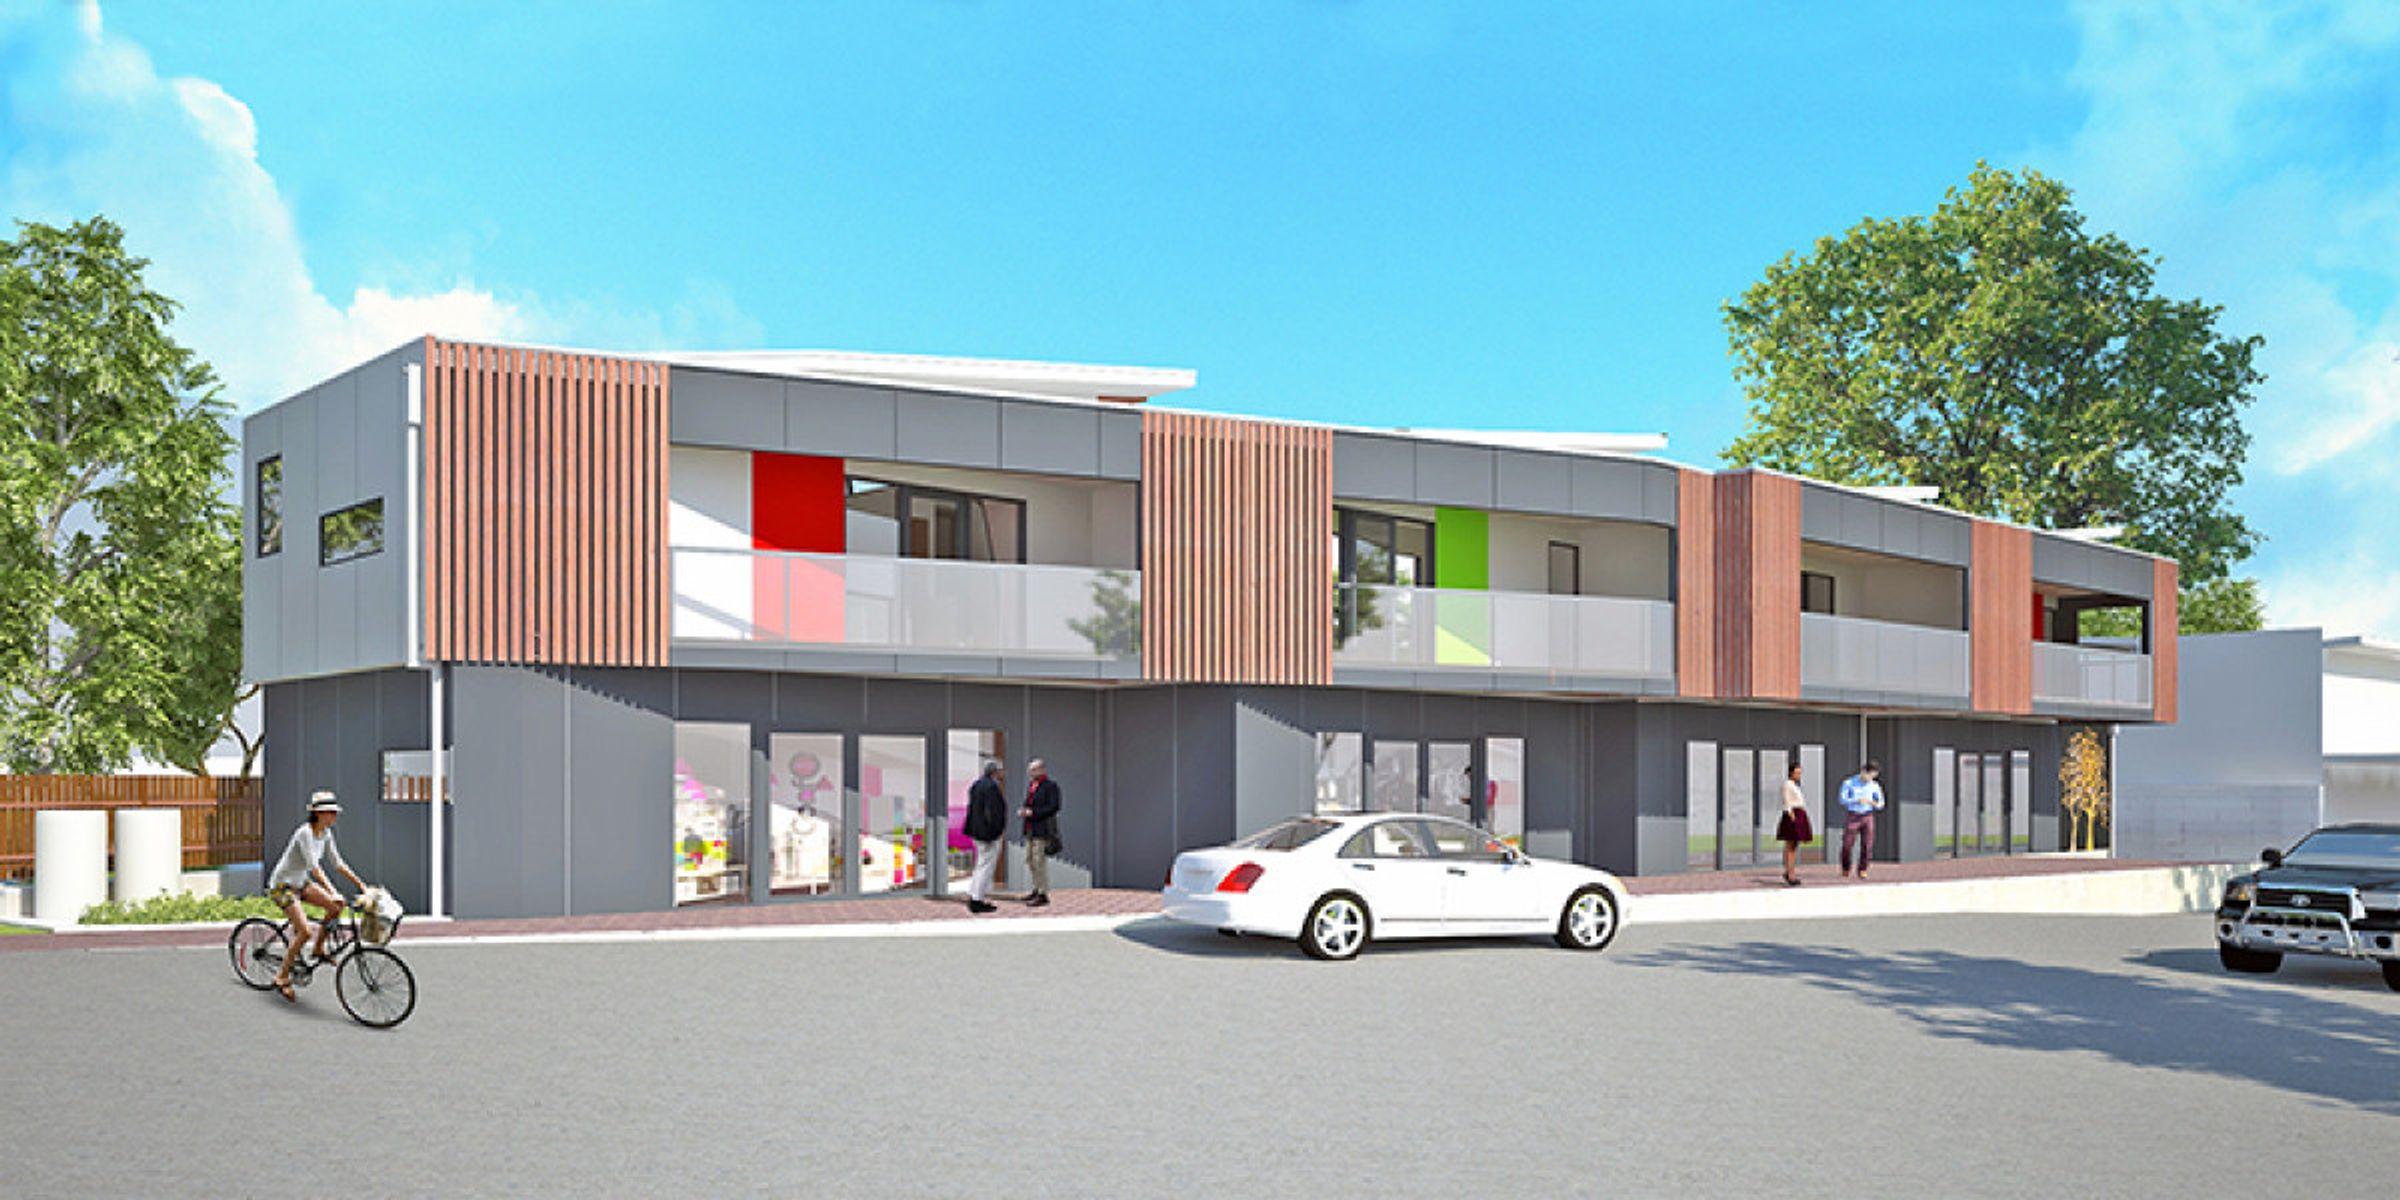 Apartment 2/8 Fearn Avenue, Margaret River, WA 6285